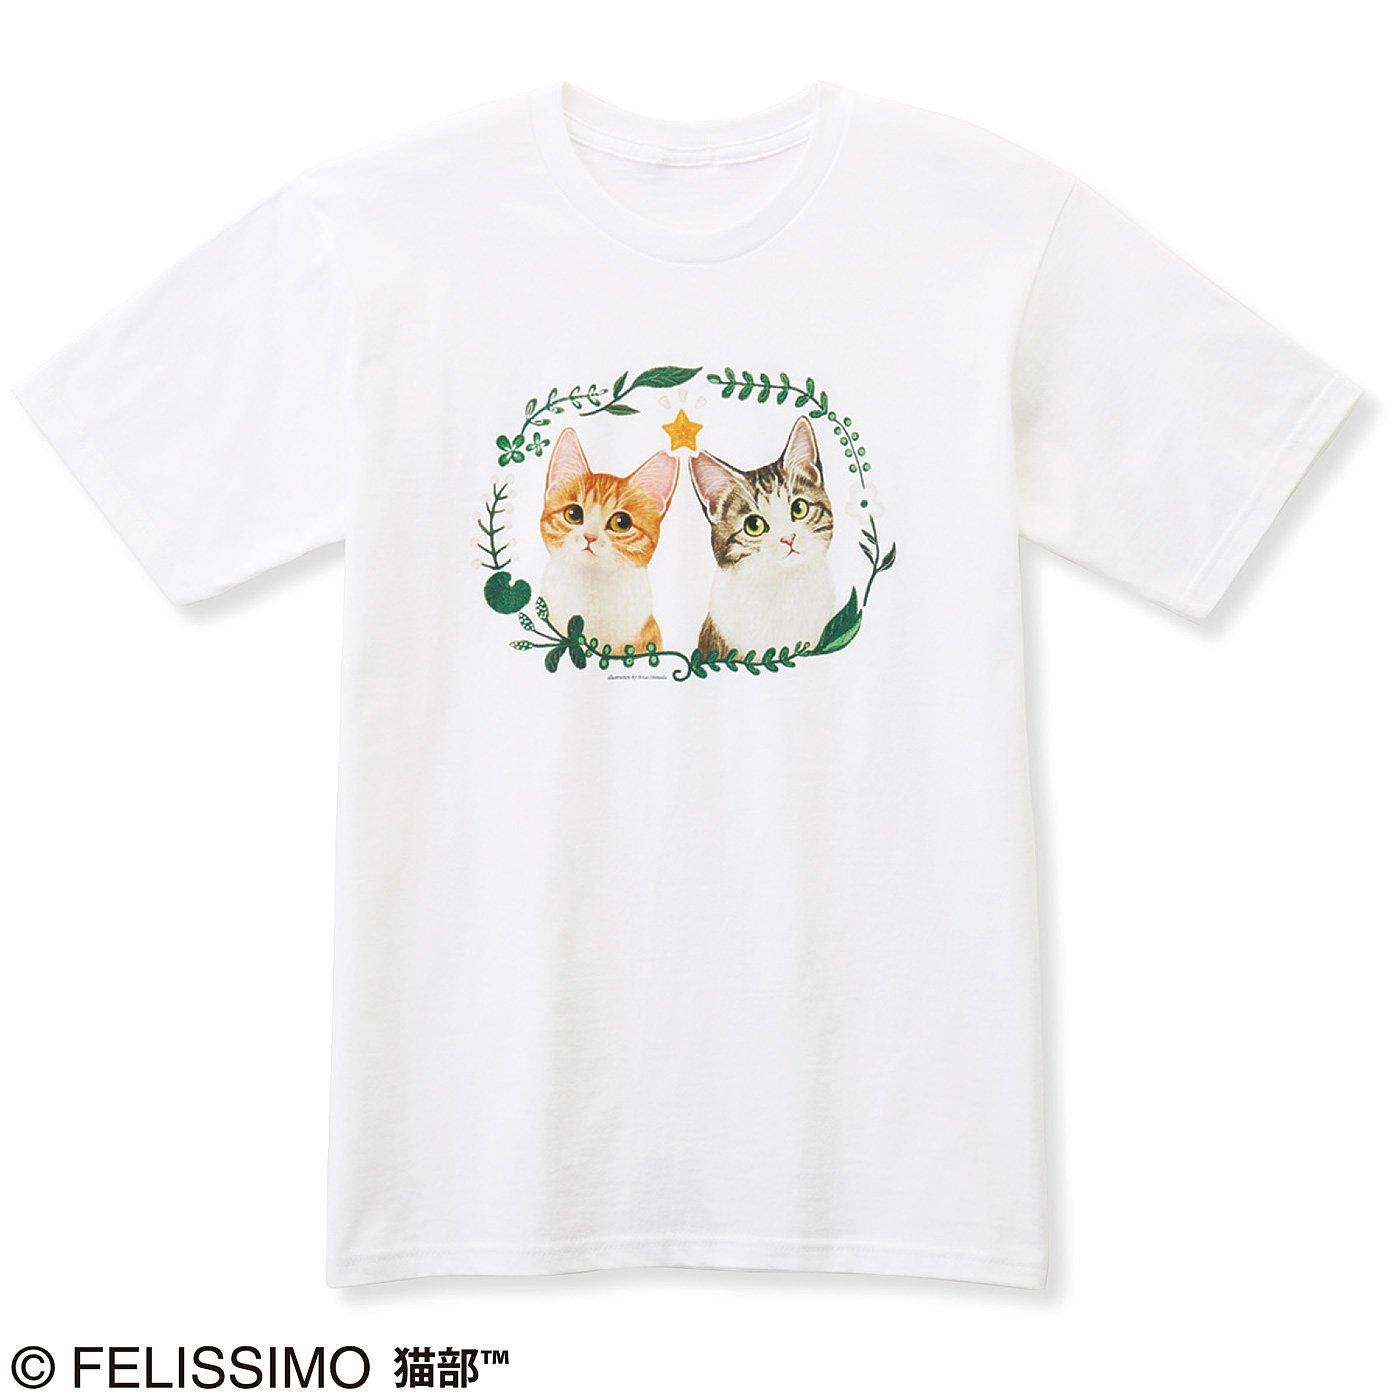 猫部×霜田有沙 地域猫チャリティーTシャツ2019